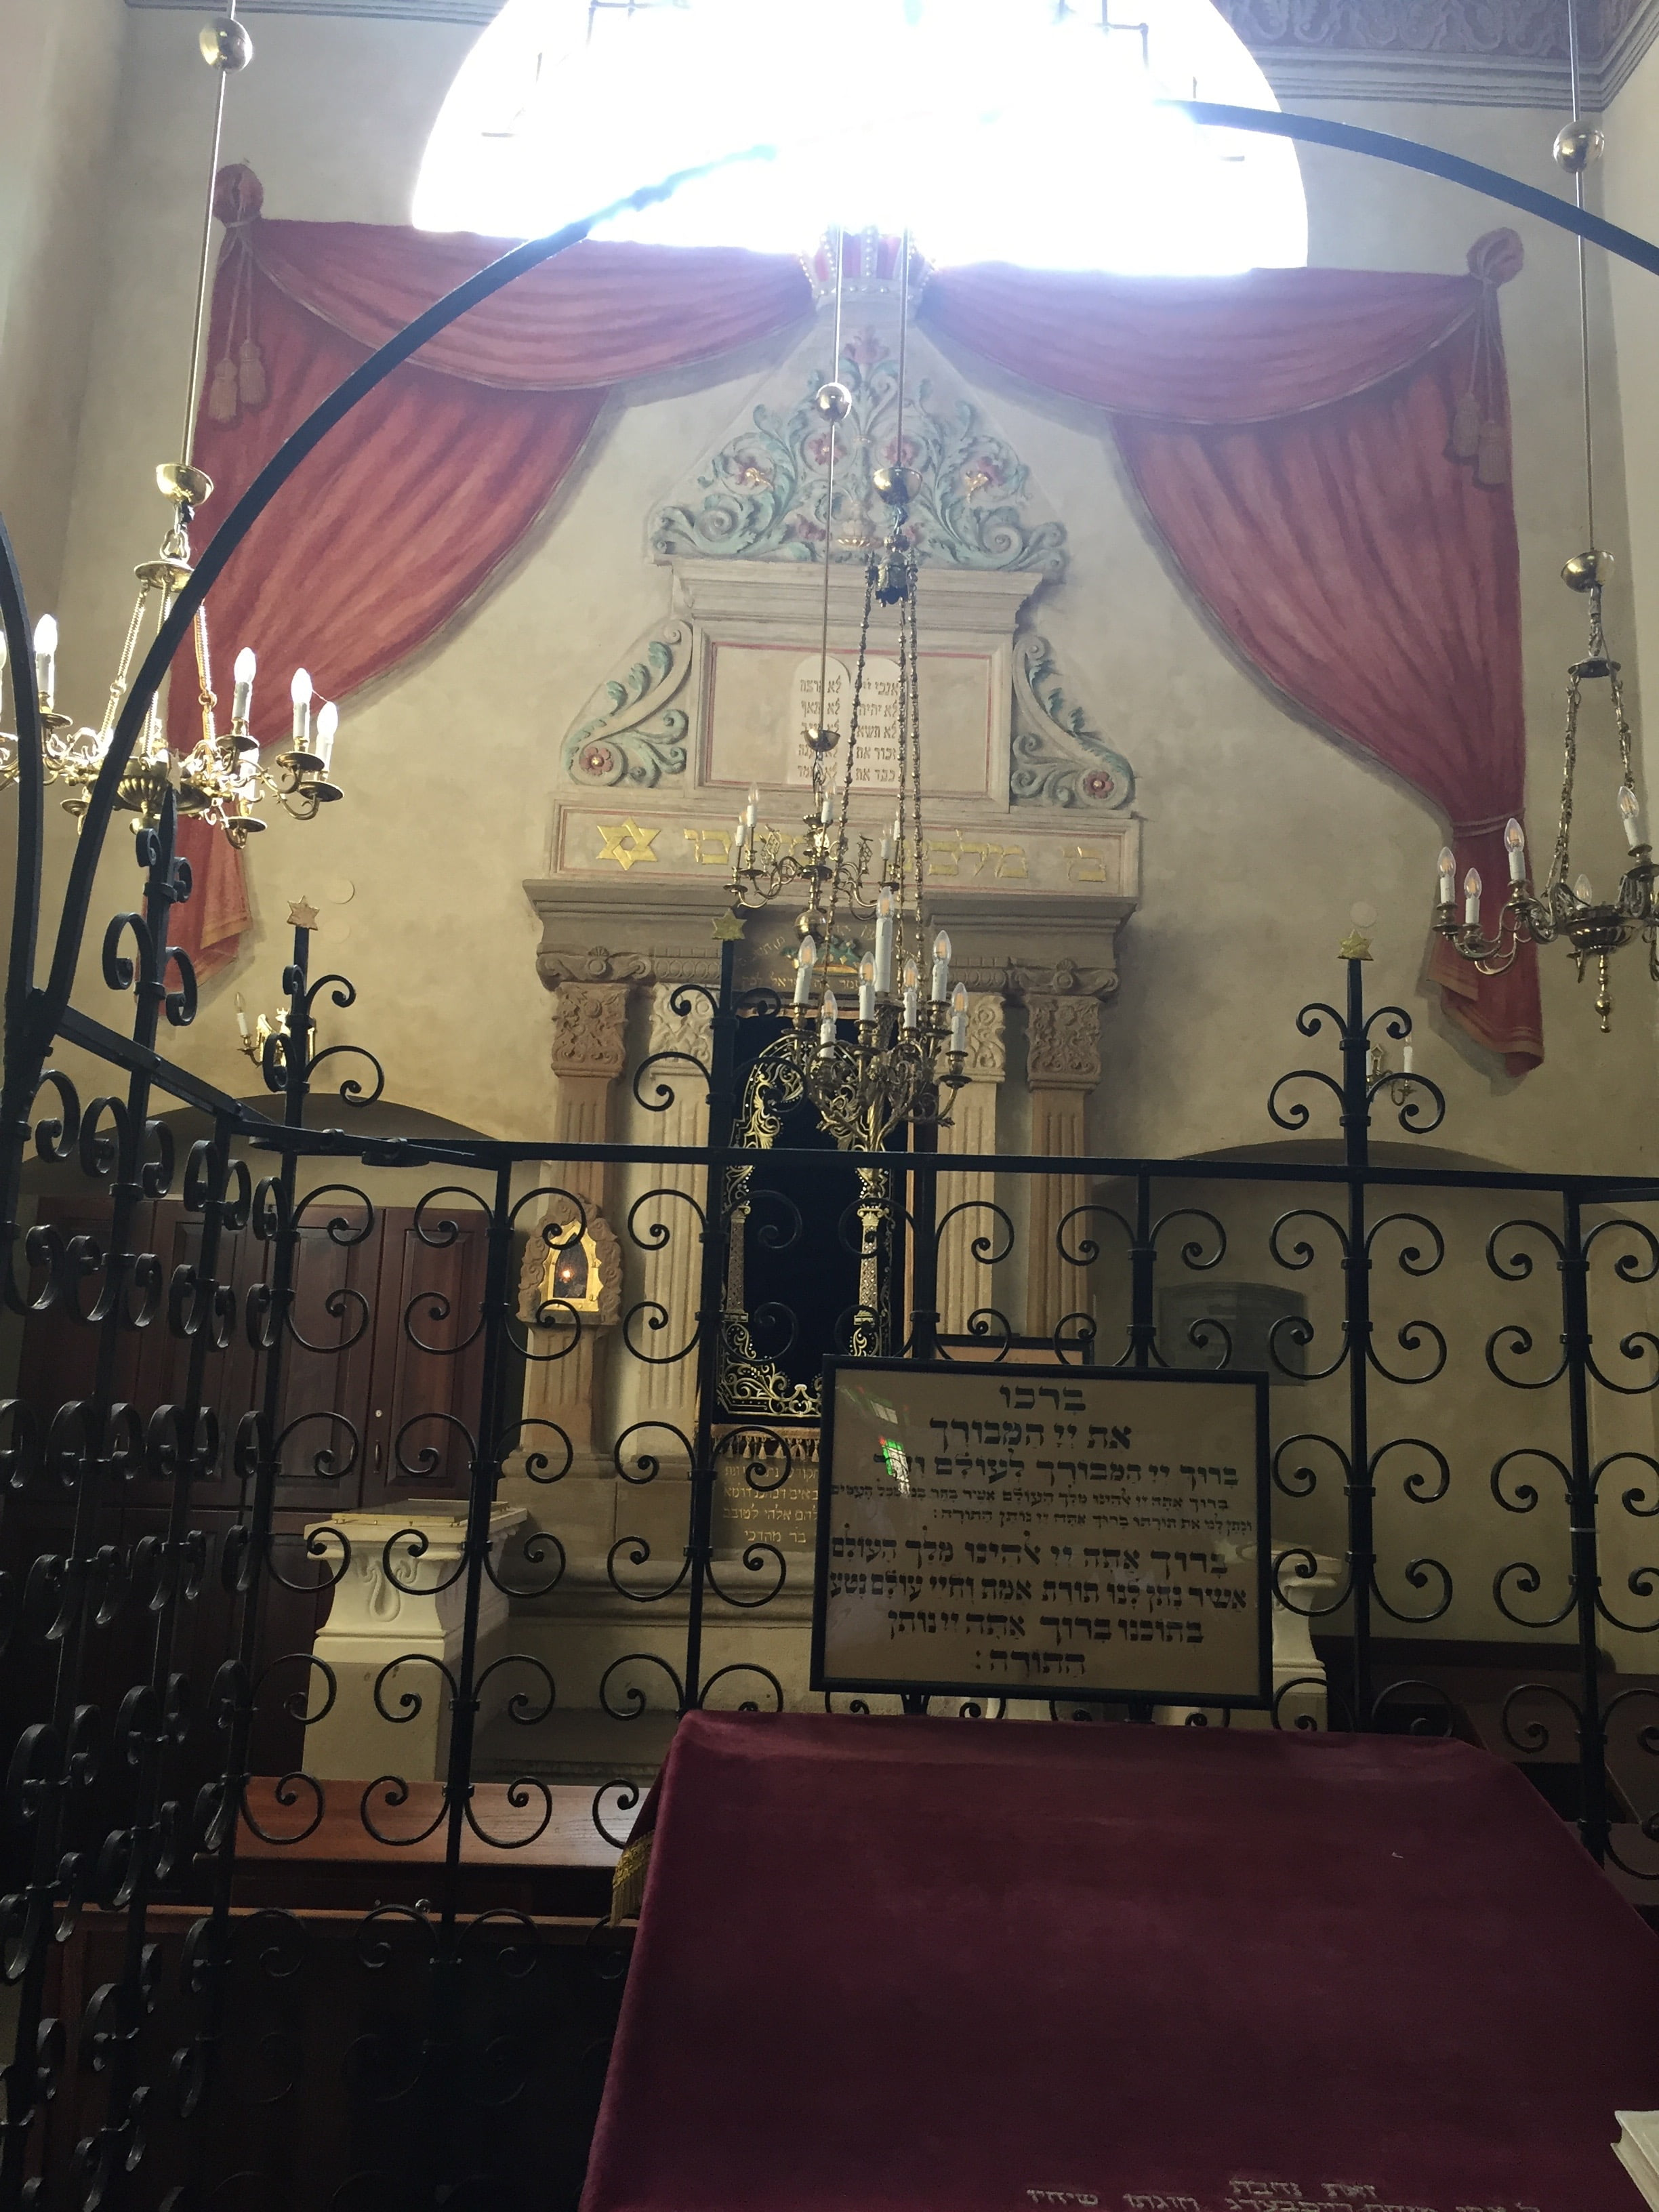 L'histoire juive de la ville de Cracovie en Pologne